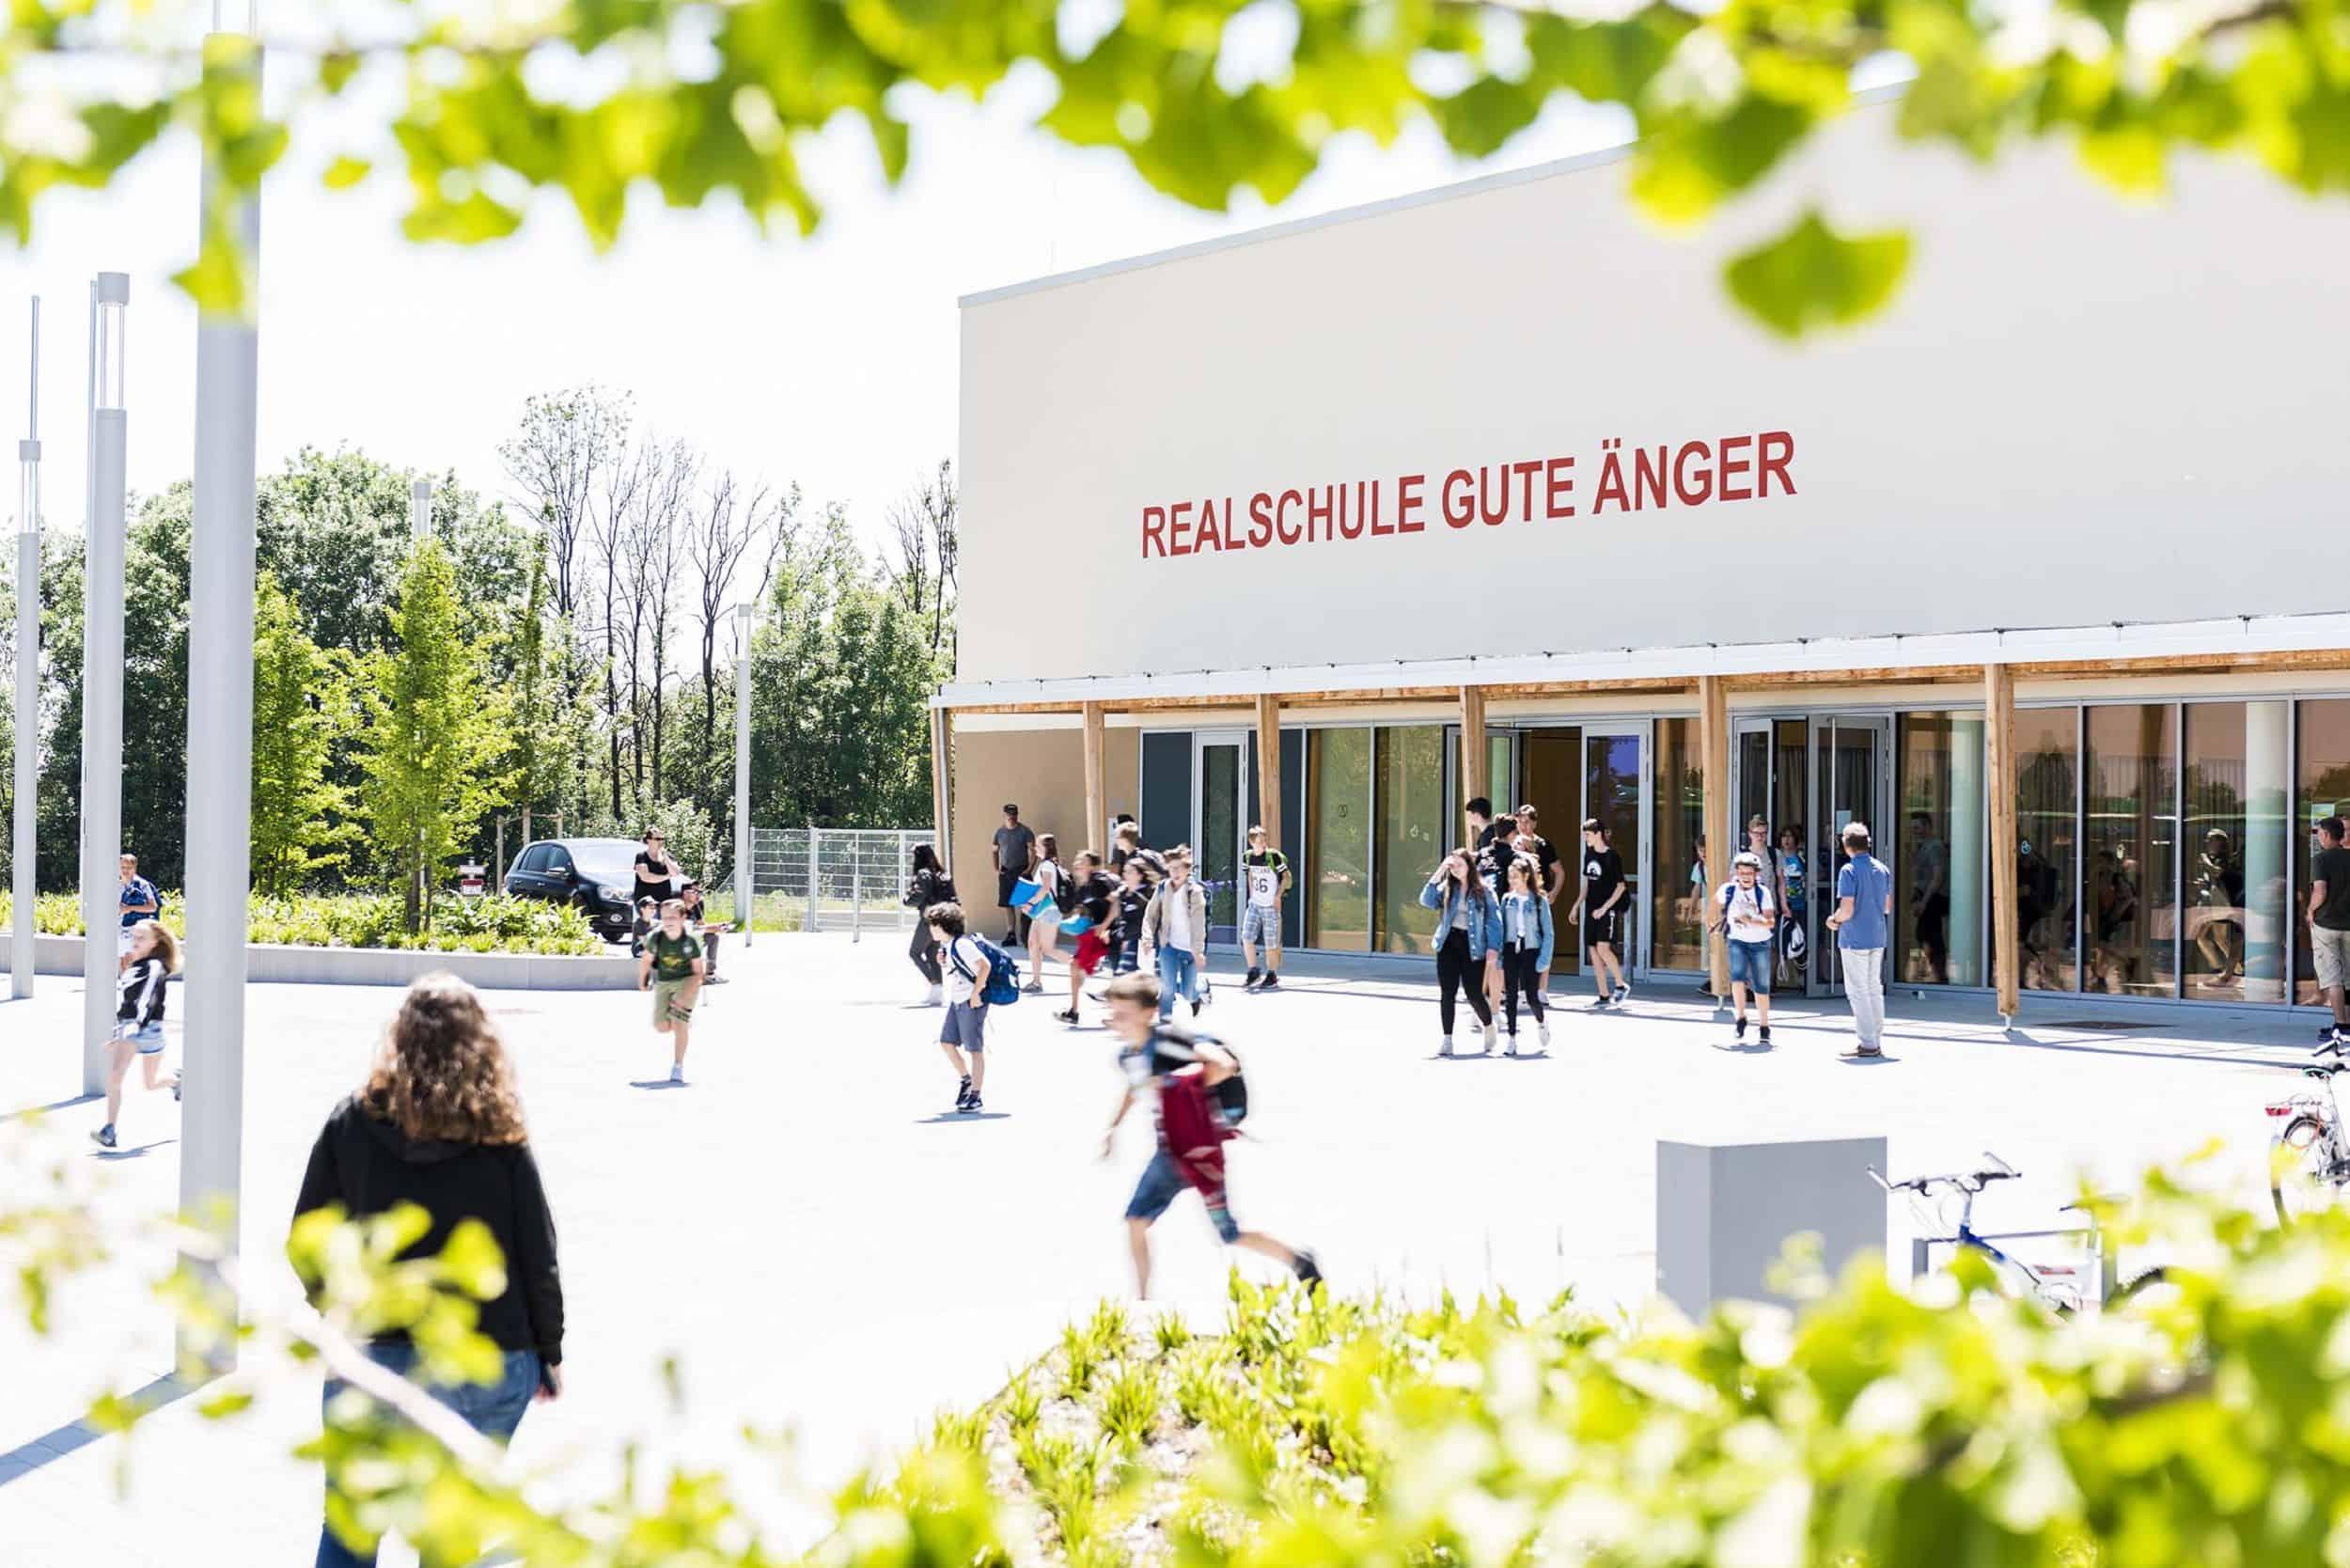 Bild: Vorplatz der Realschule Gute Änger in Freising, Foto: Johann Hinrichs Photography